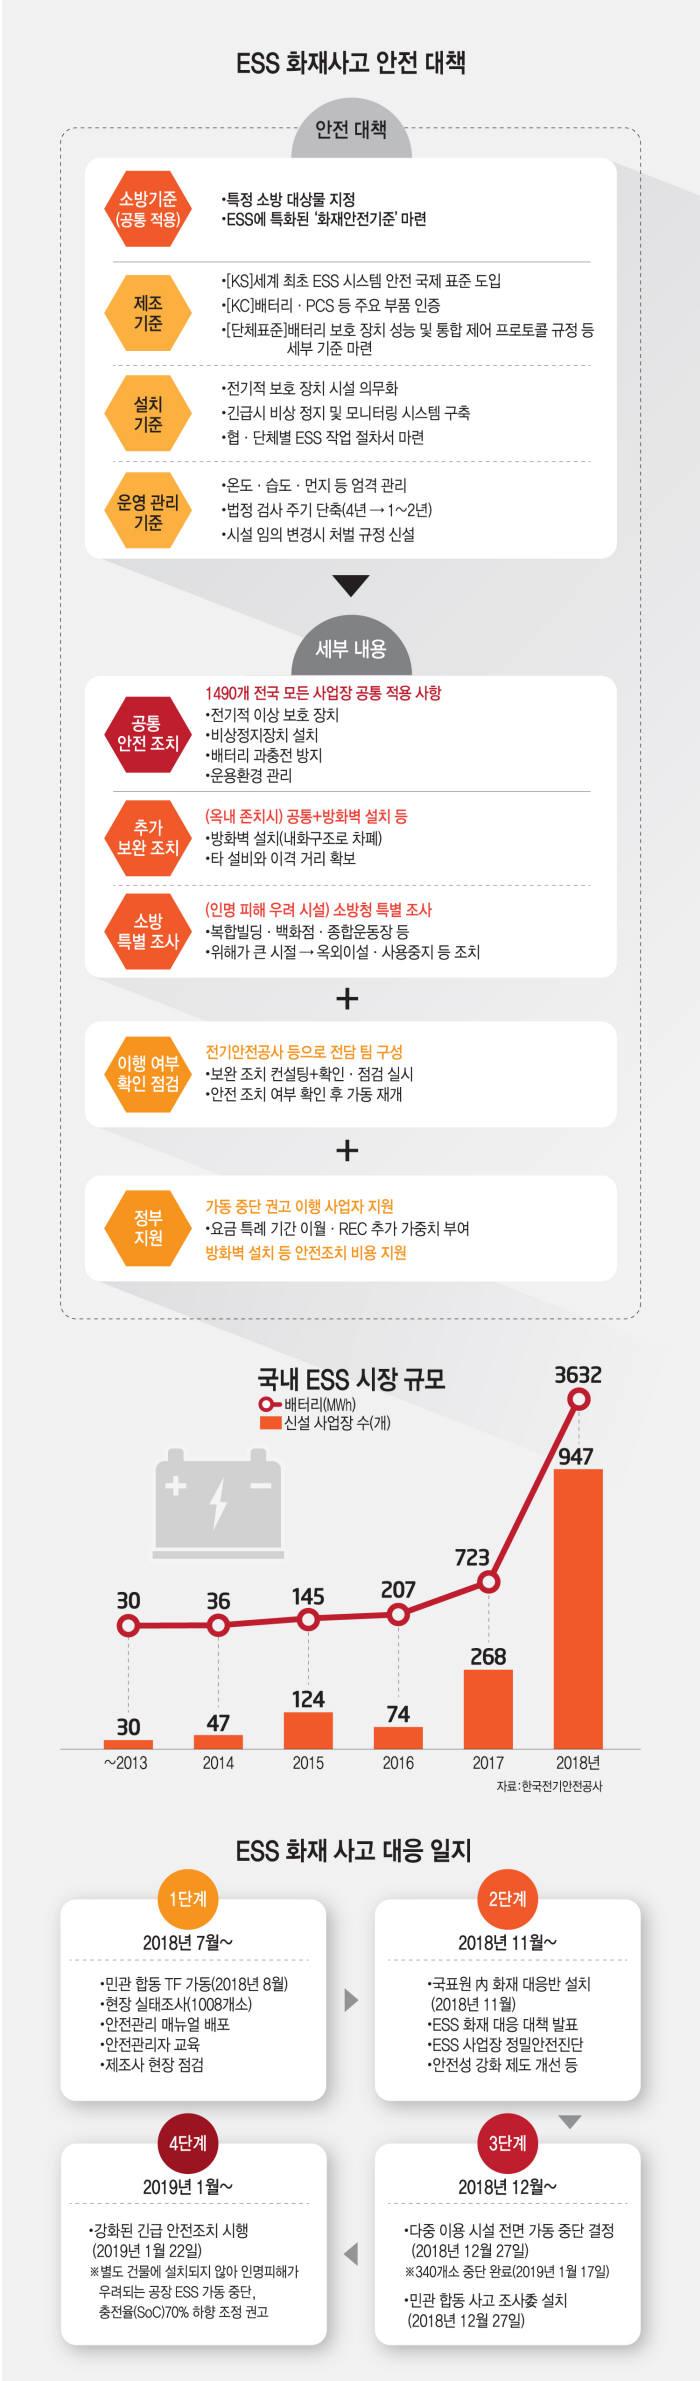 [이슈분석] ESS 화재 조사 마무리…조사위가 밝힌 원인 살펴보니